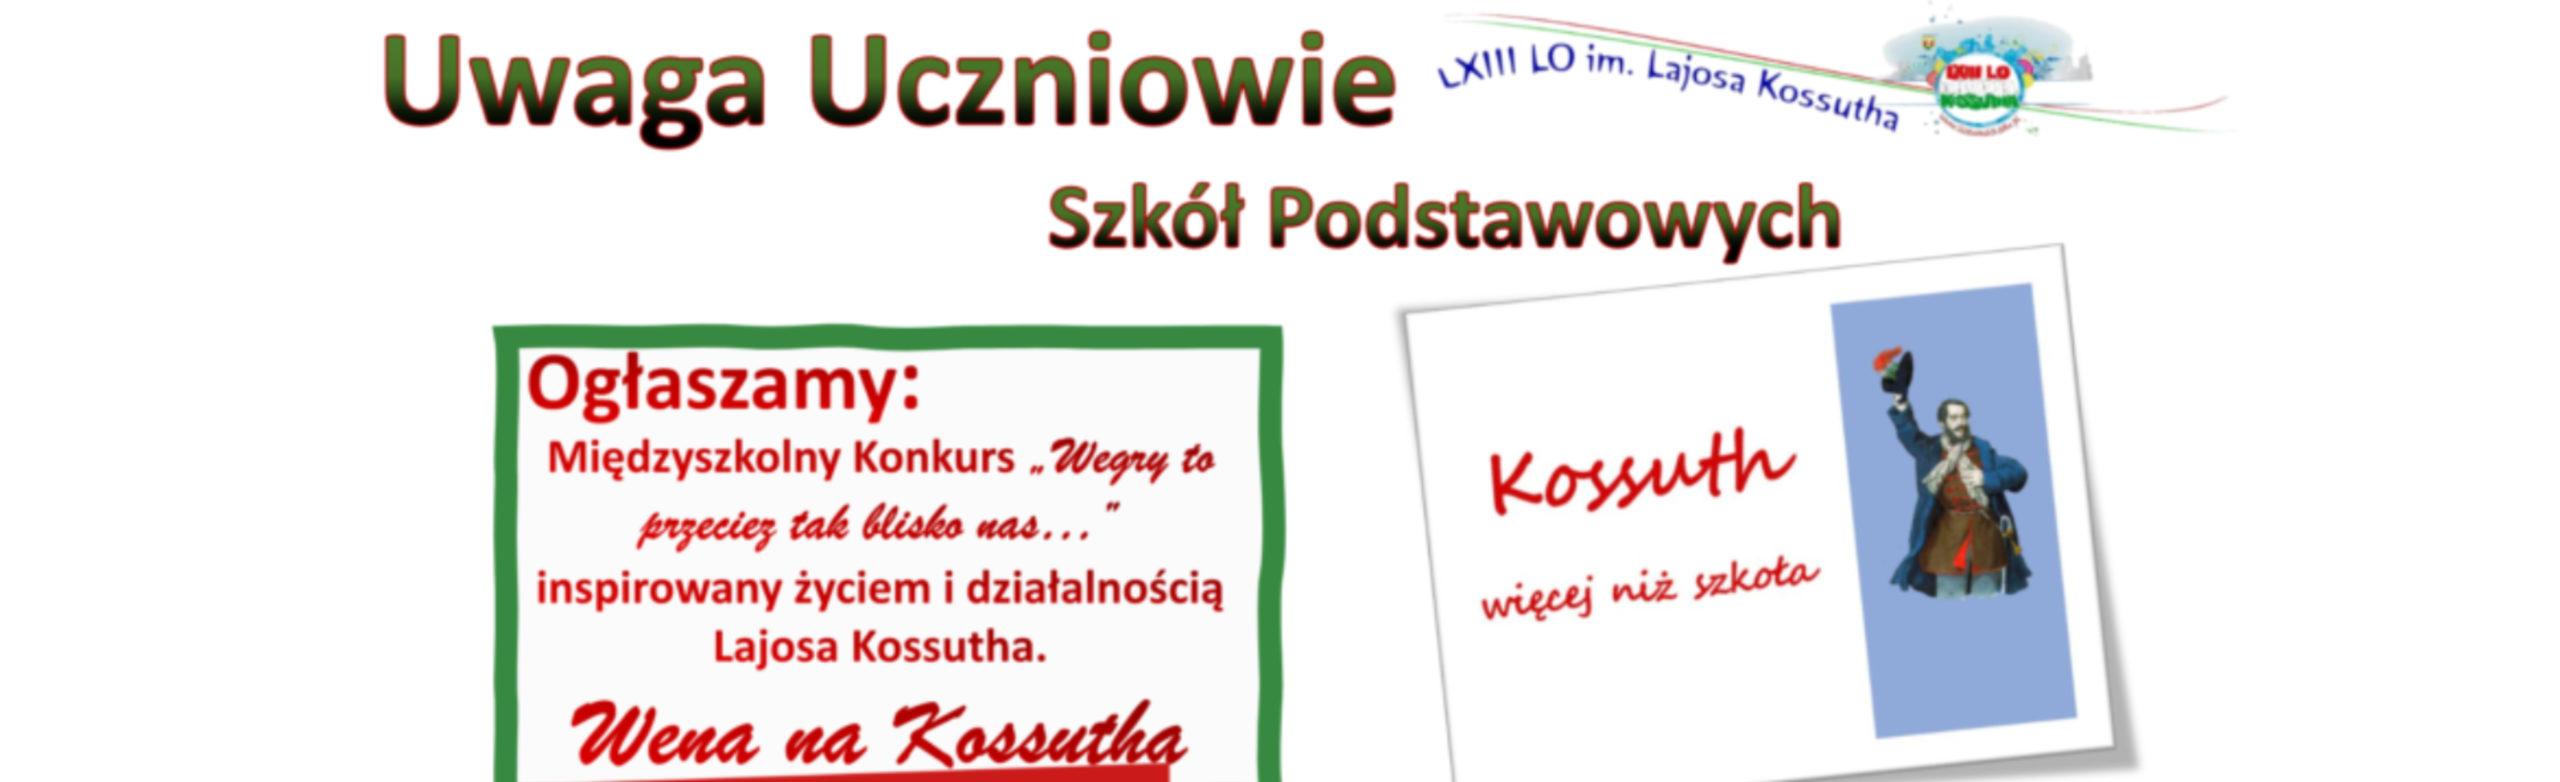 Międzyszkolny Konkurs inspirowany życiem i działalnością Lajosa Kossutha: Węgry to przecież tak blisko nas…. Wena na Kossutha